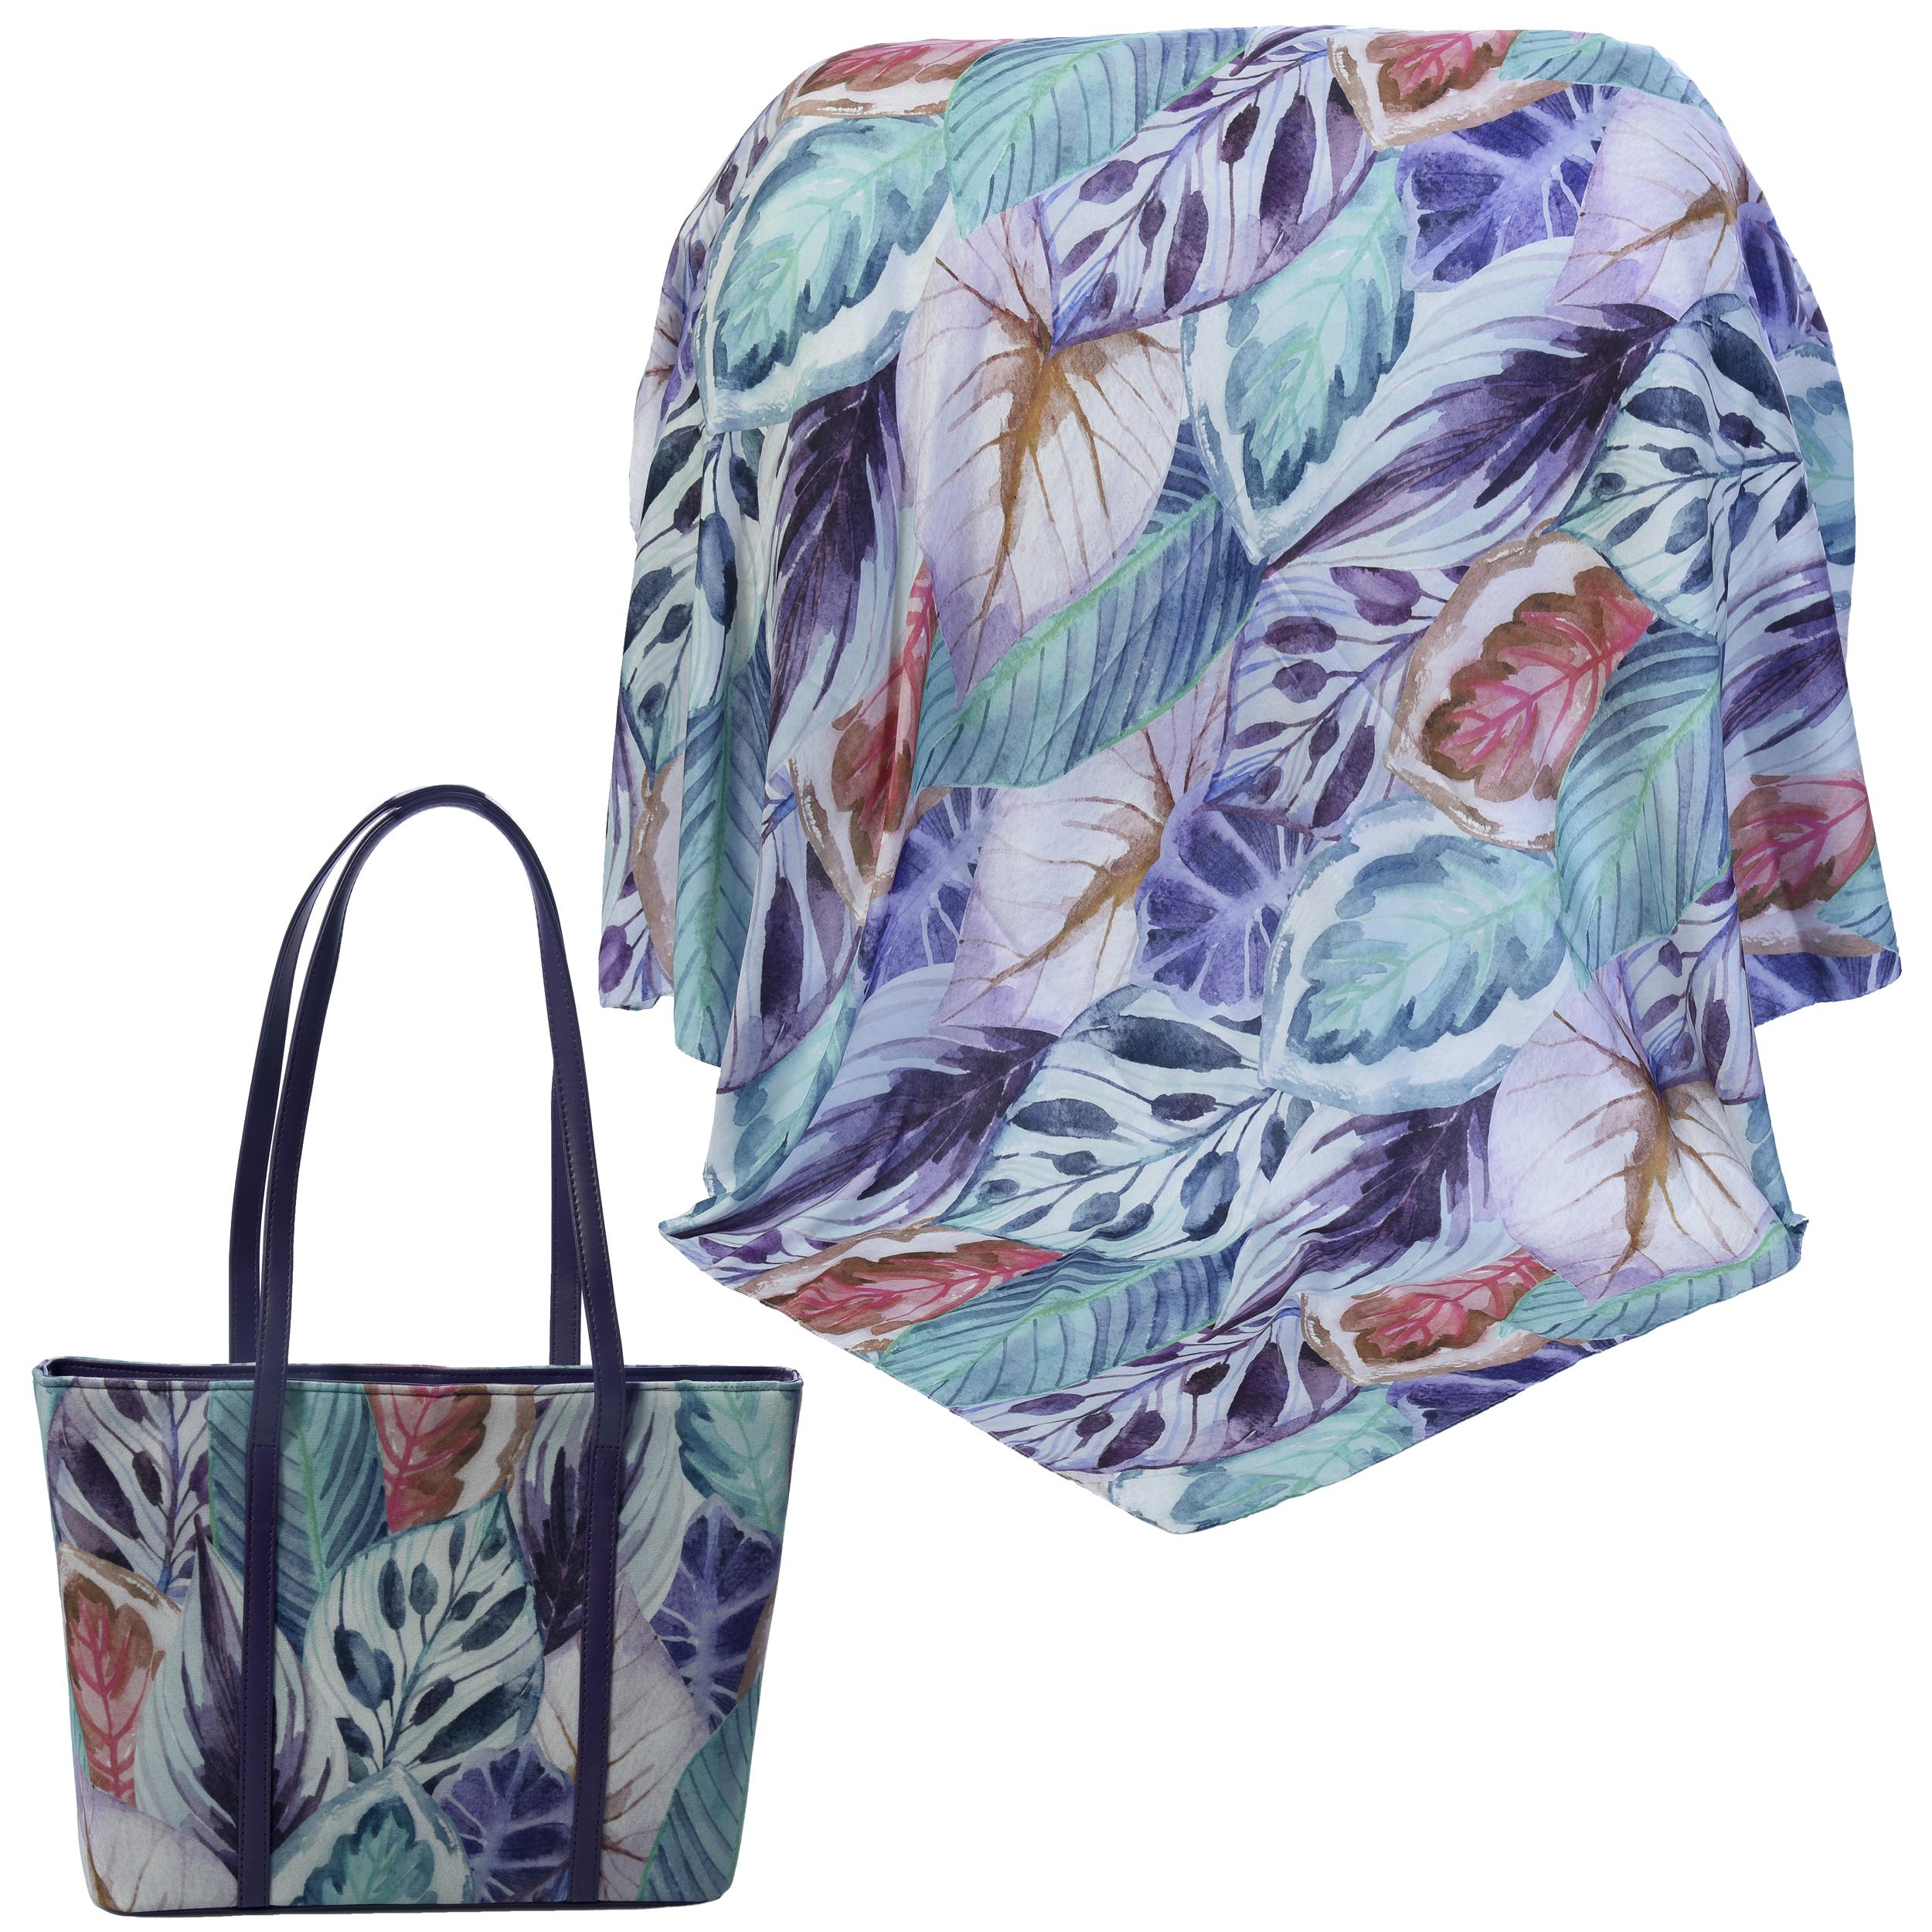 ست کیف و روسری زنانه کد 980228-T1